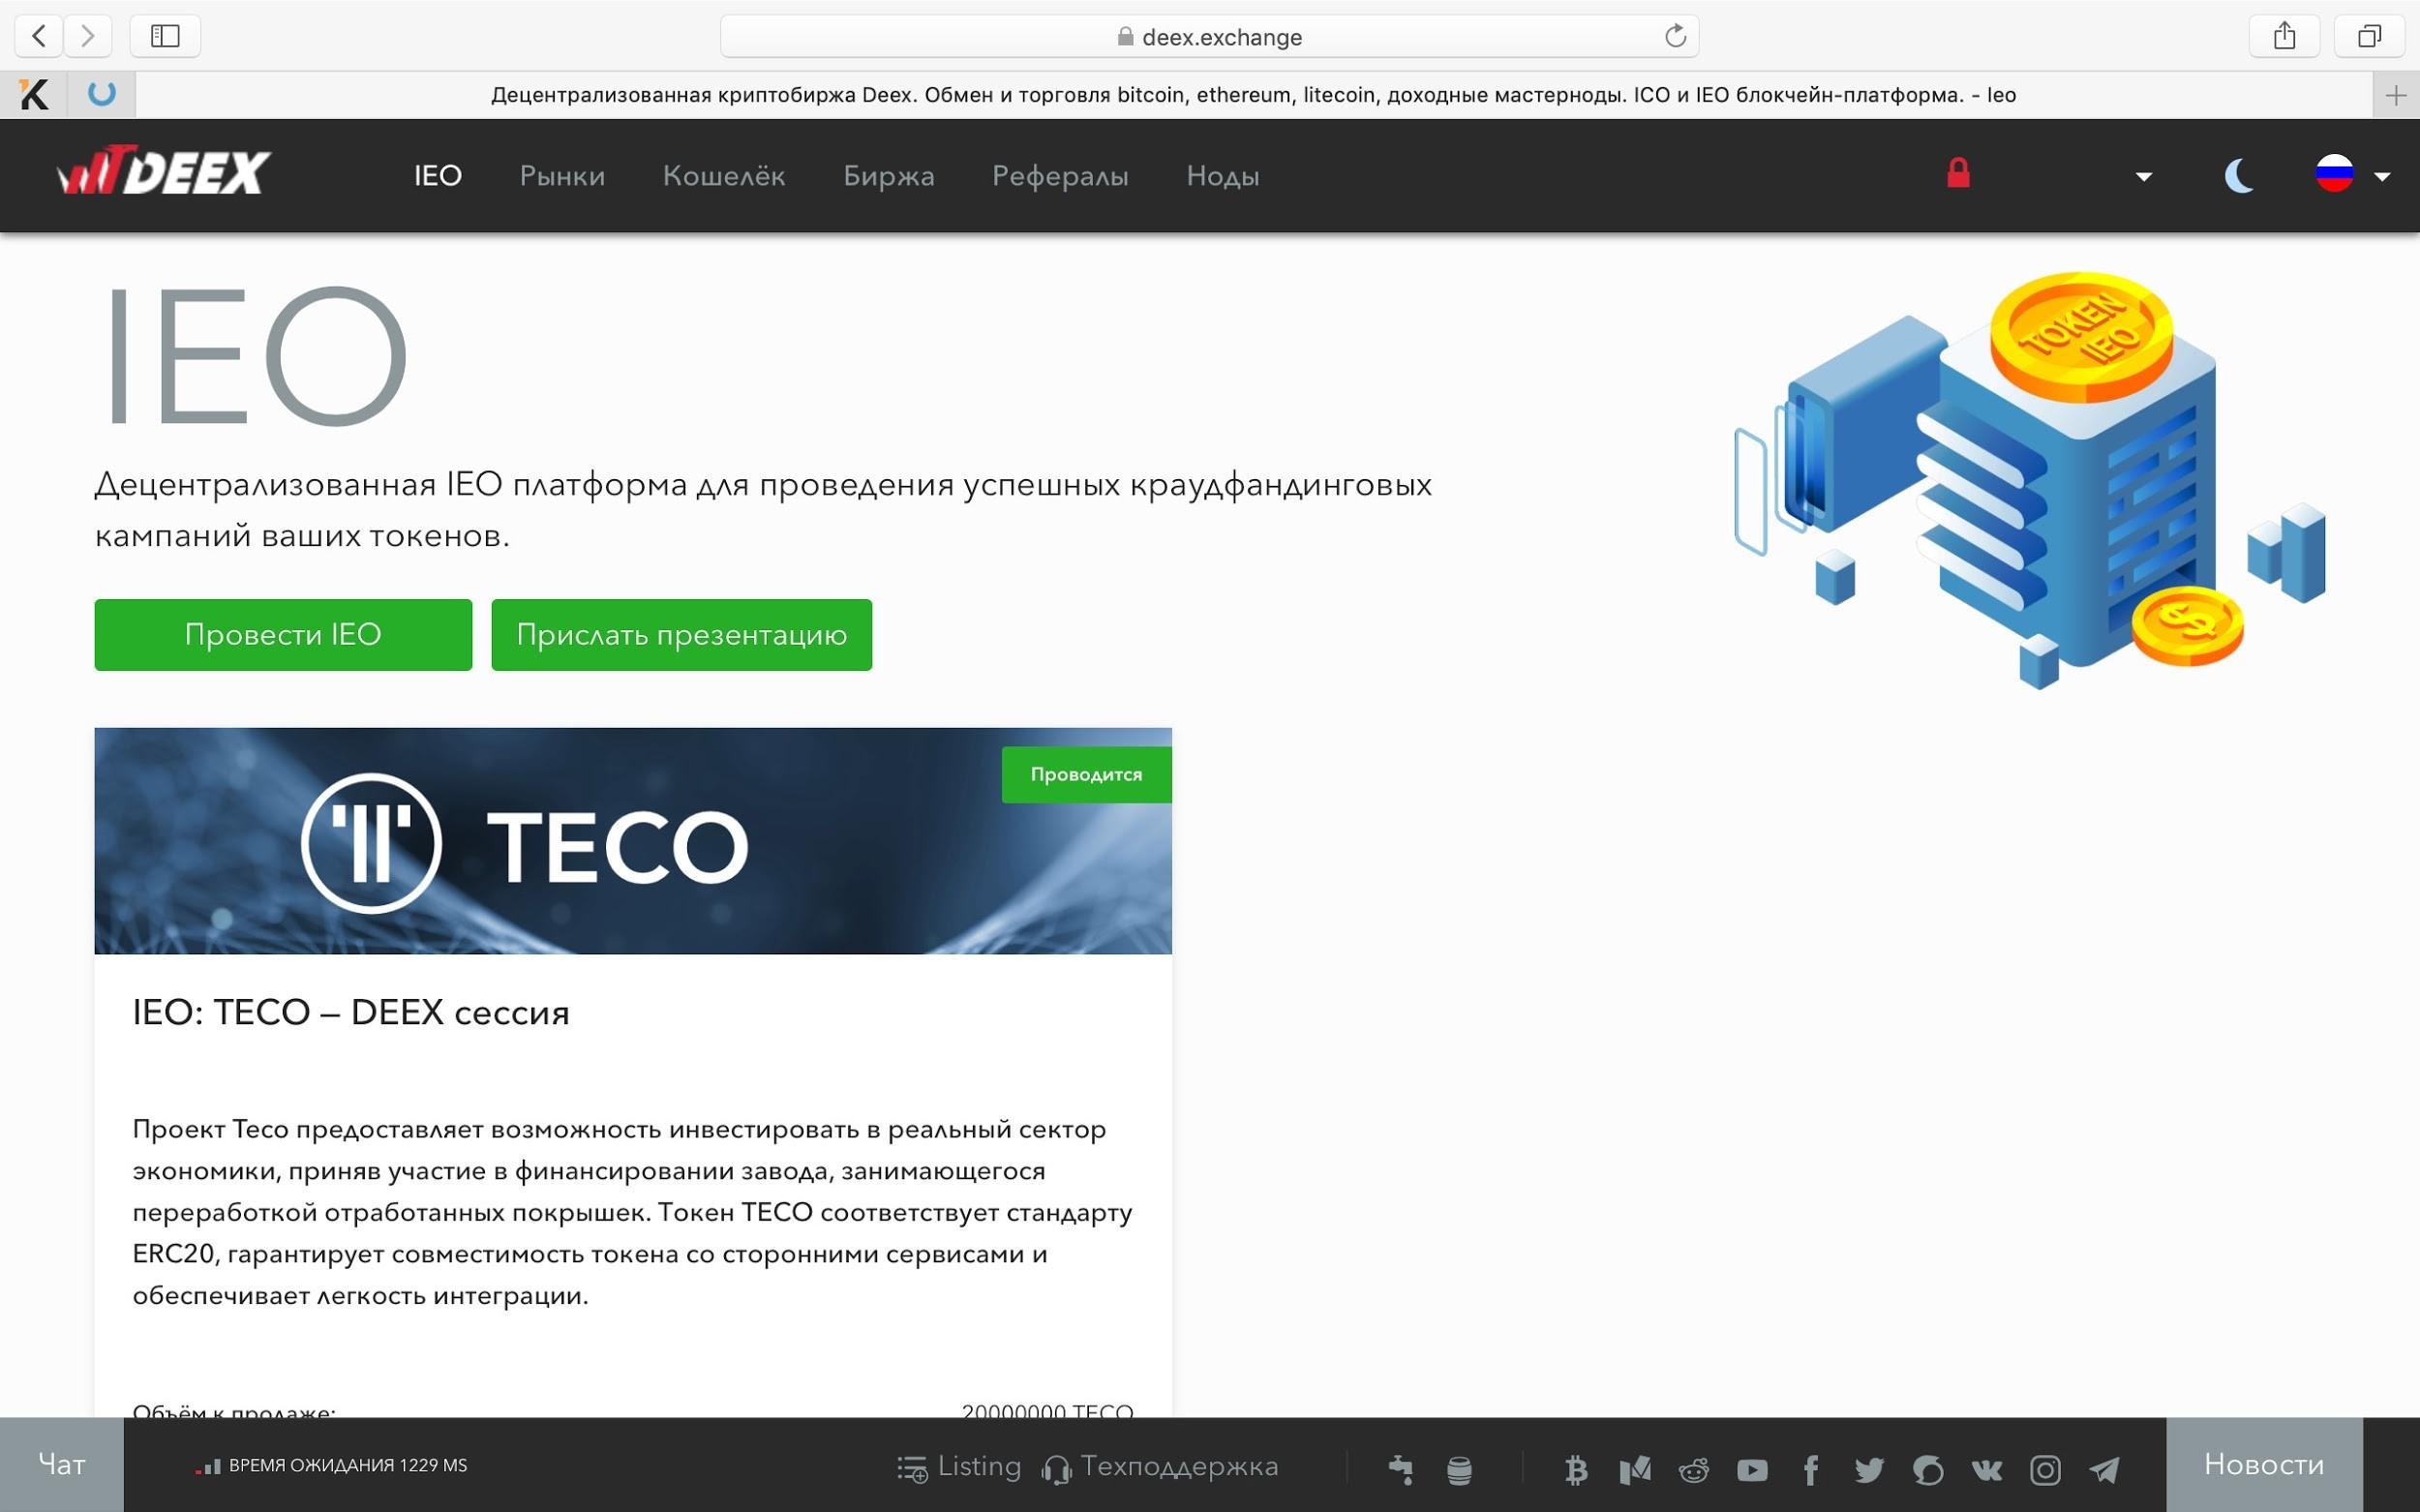 Как провести IEO на DEEX.exchange